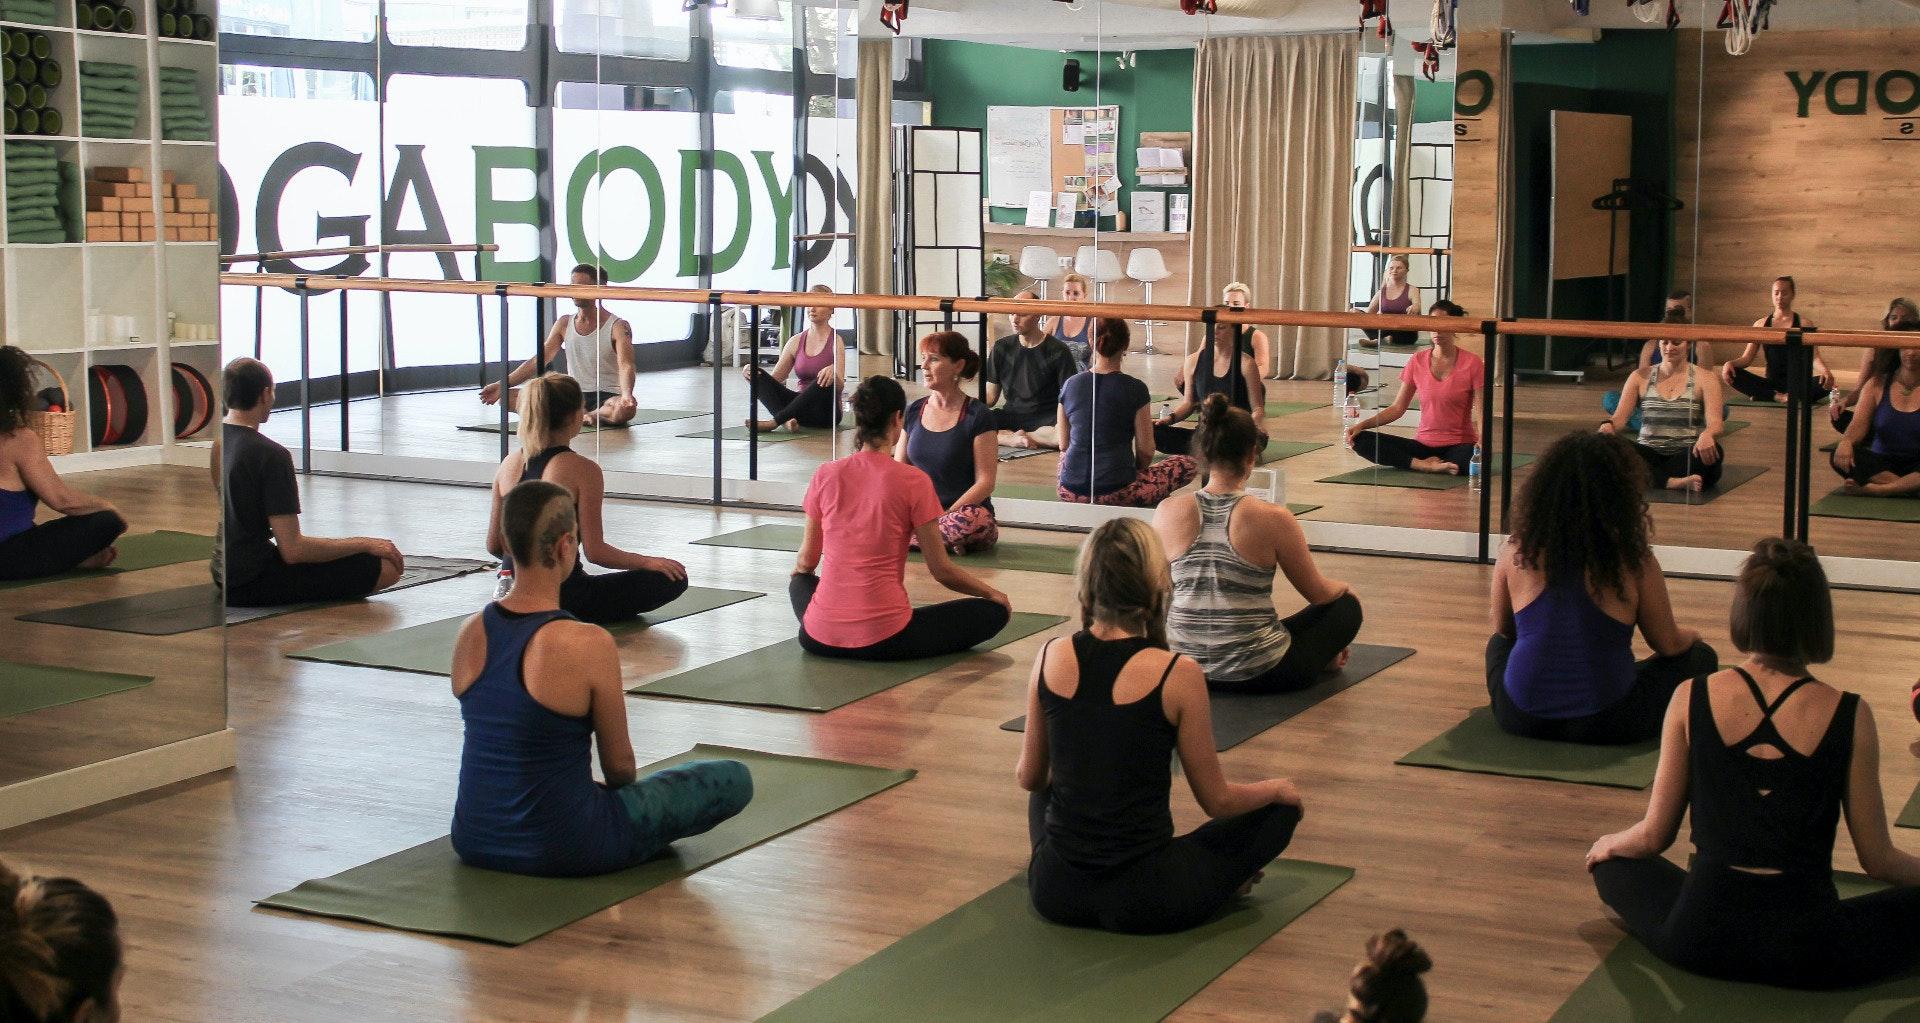 YogaBody Fitness II